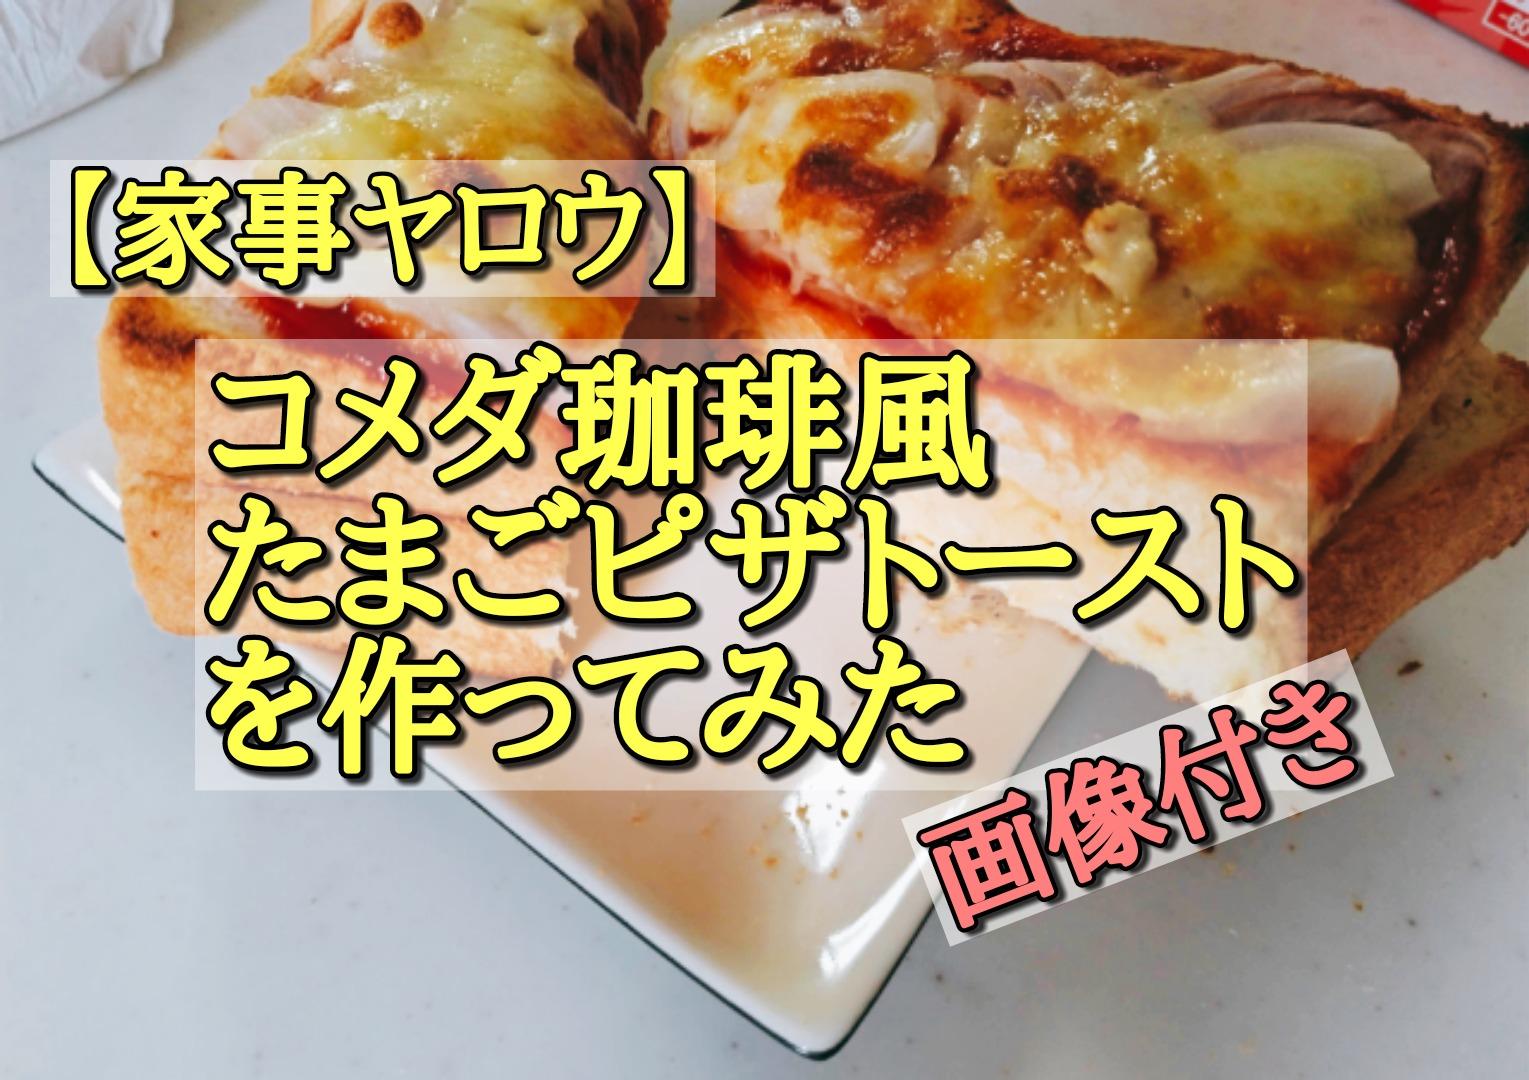 【家事ヤロウ】コメダ珈琲風たまごピザトーストを作ってみた(画像付き)